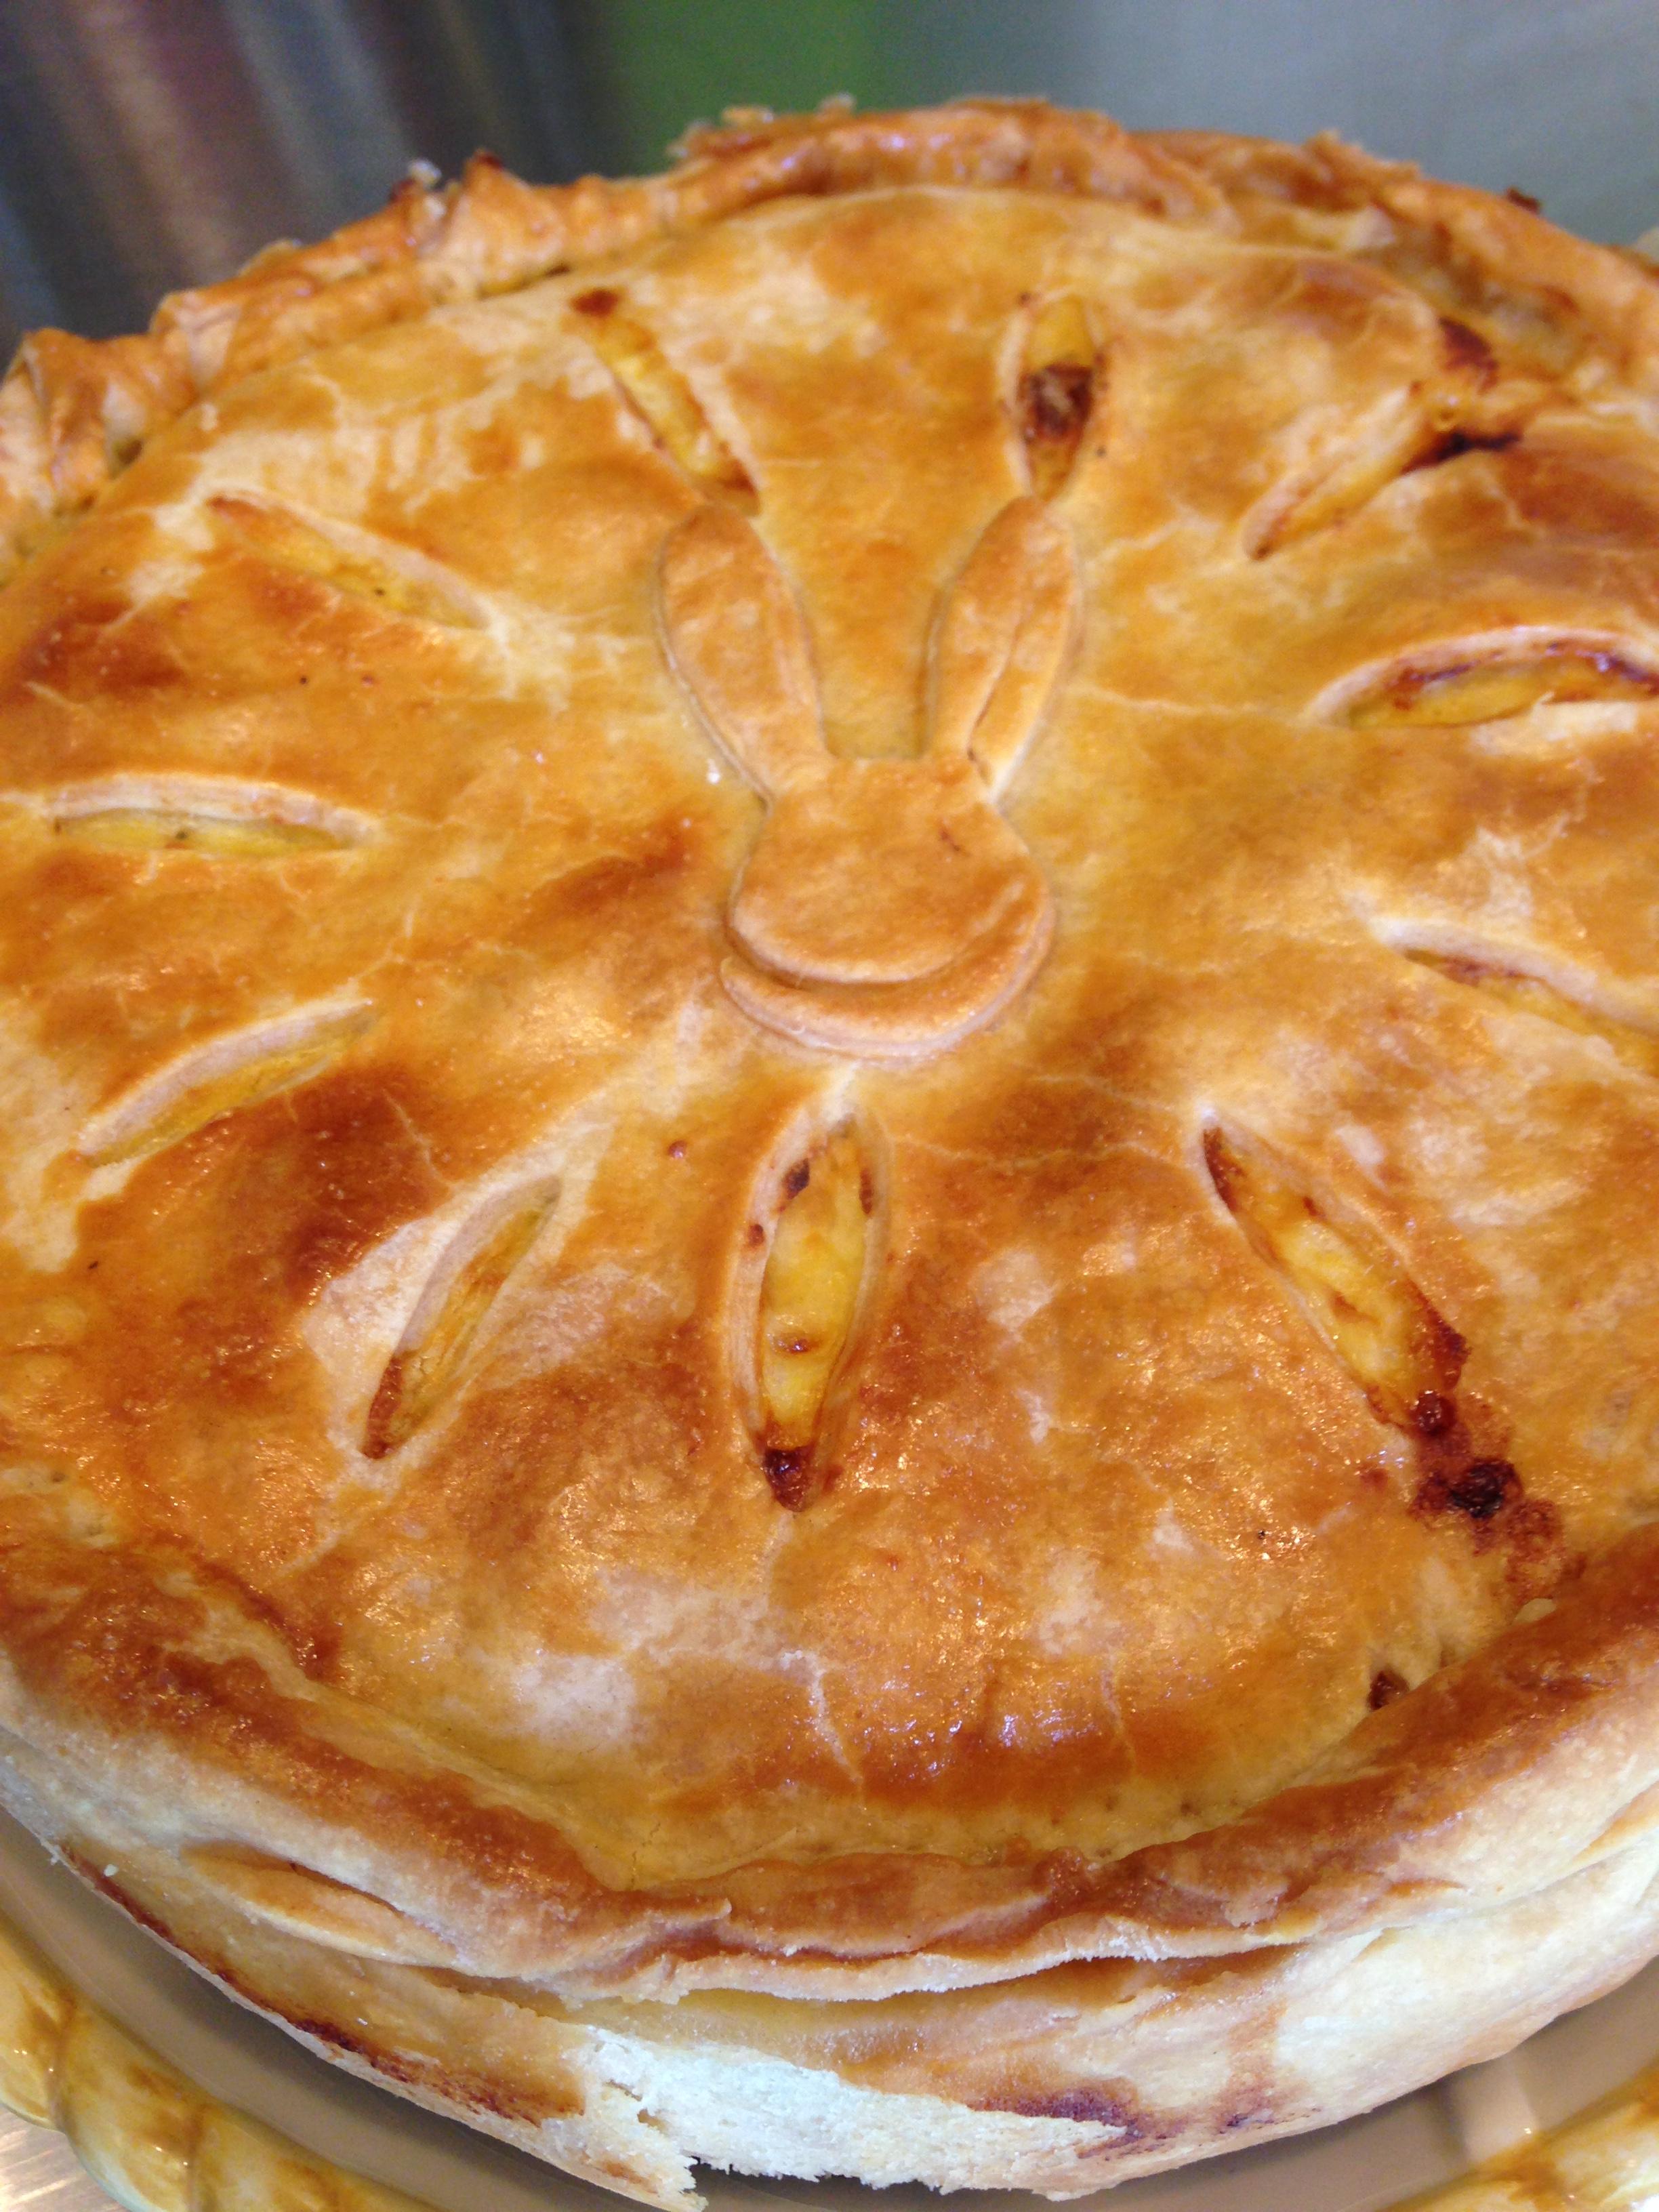 Pie out of pan.JPG